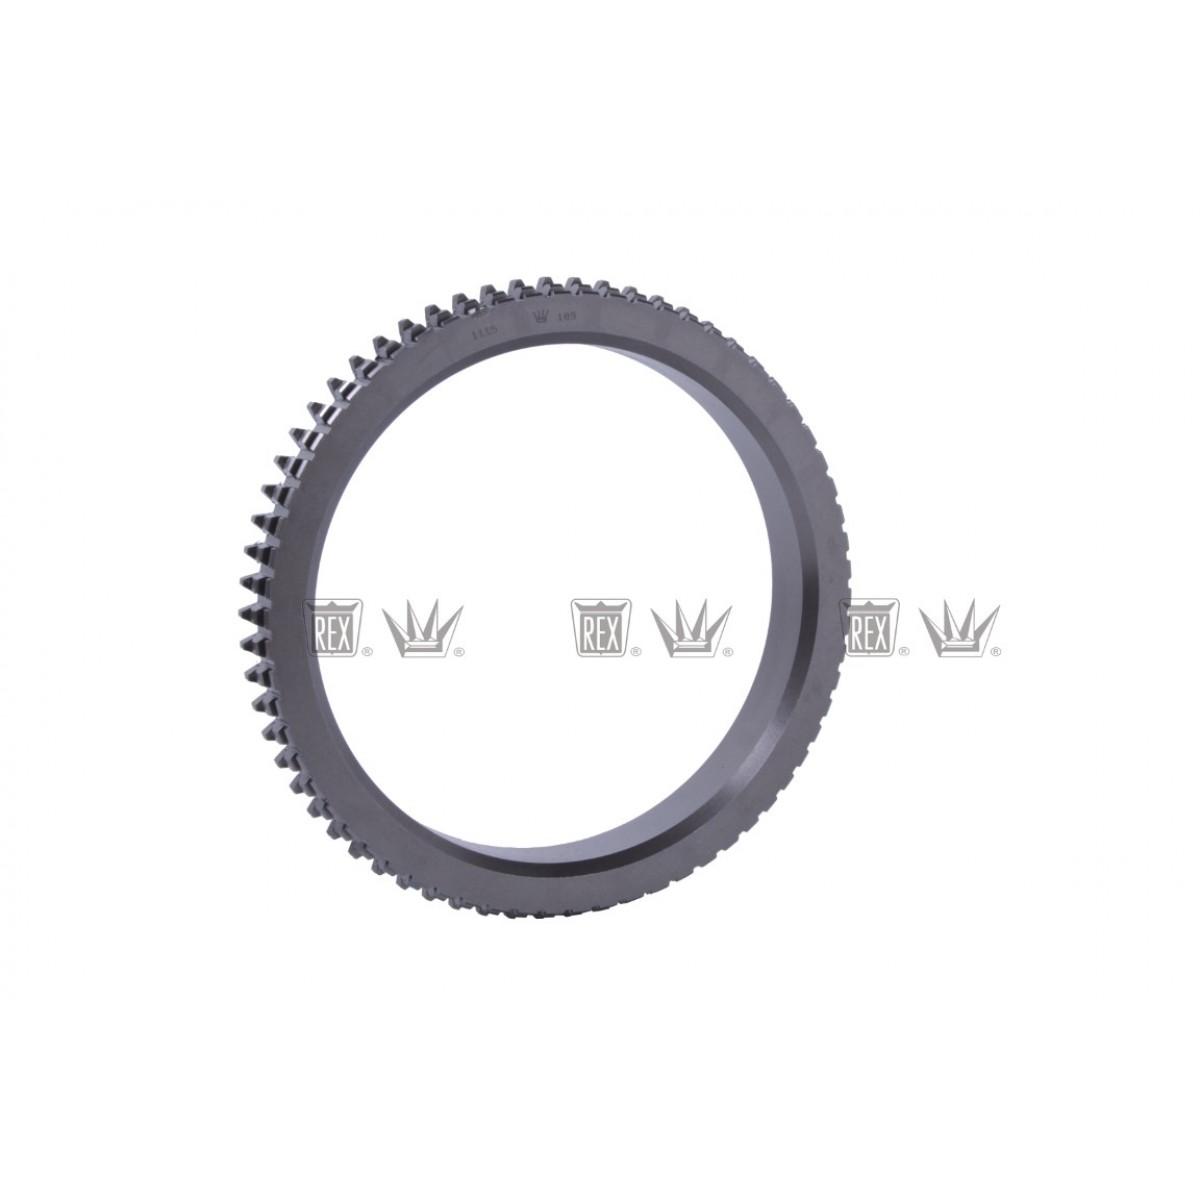 Cone de engate do redutor caixa de cambio scania - GR801/900 GRS 900/890 GR/GRS/GRSO-900/905/920